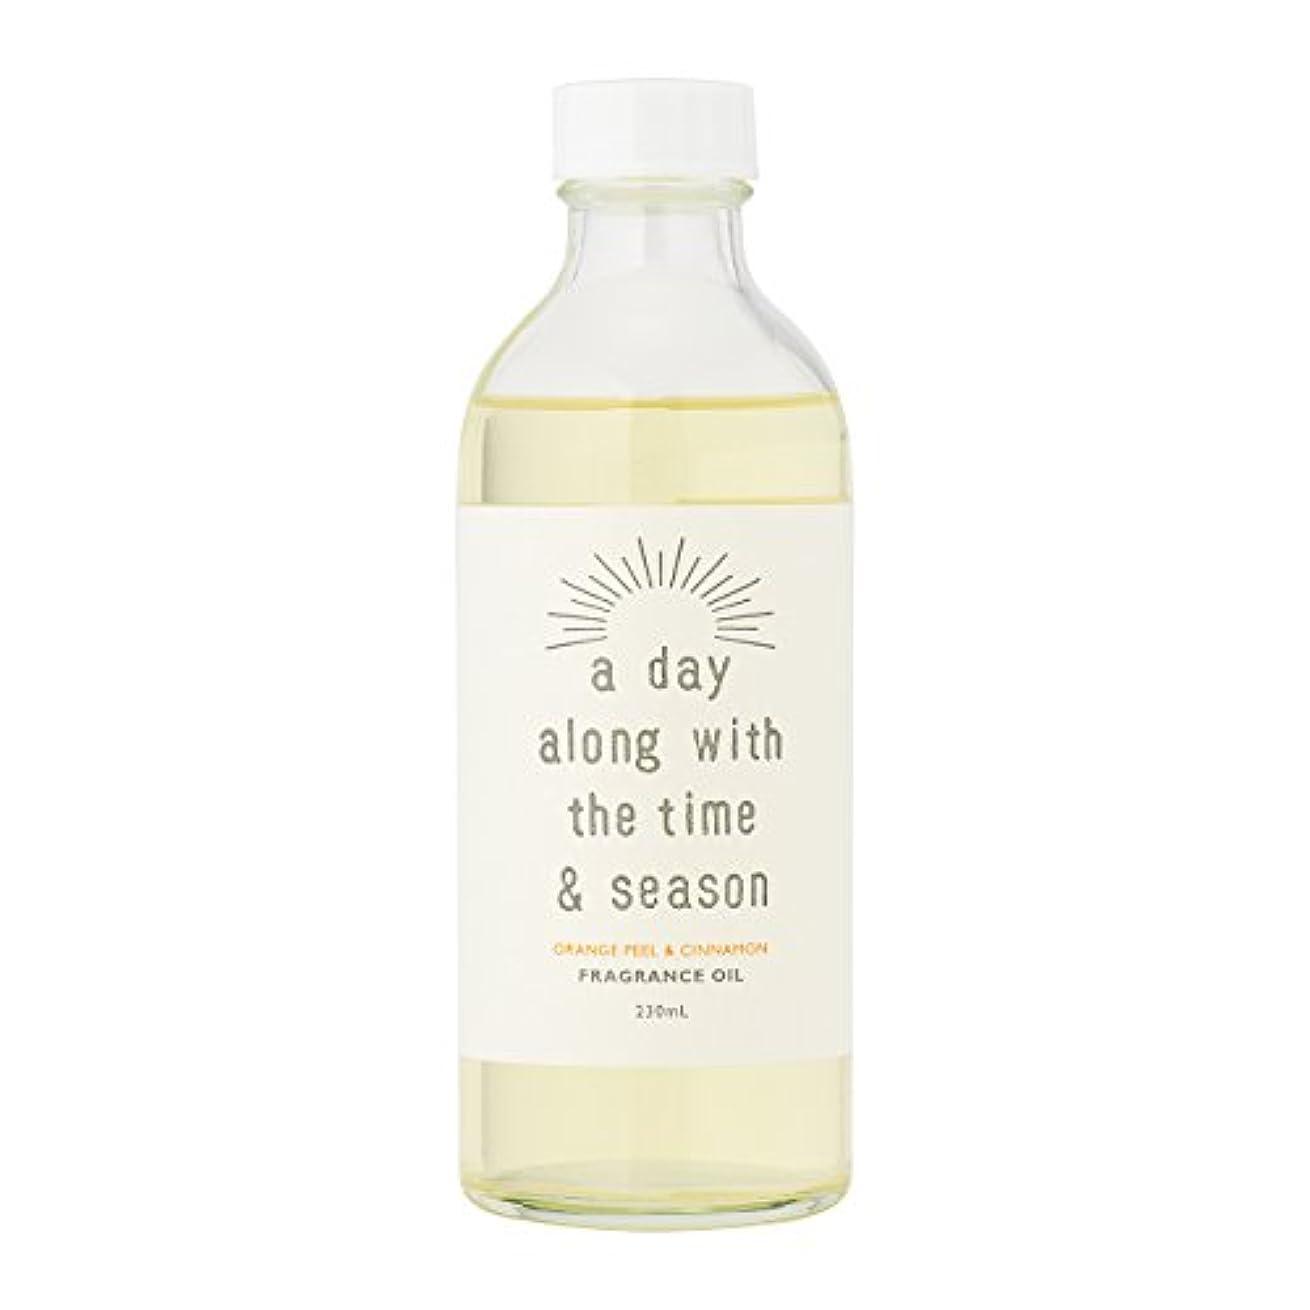 重荷広がり根拠アデイ(a day) リードディフューザー リフィル オレンジピール&シナモン 230ml(芳香剤 詰め替え用 甘酸っぱくて爽やかなオレンジピールにシナモンがふわりと広がる香り)